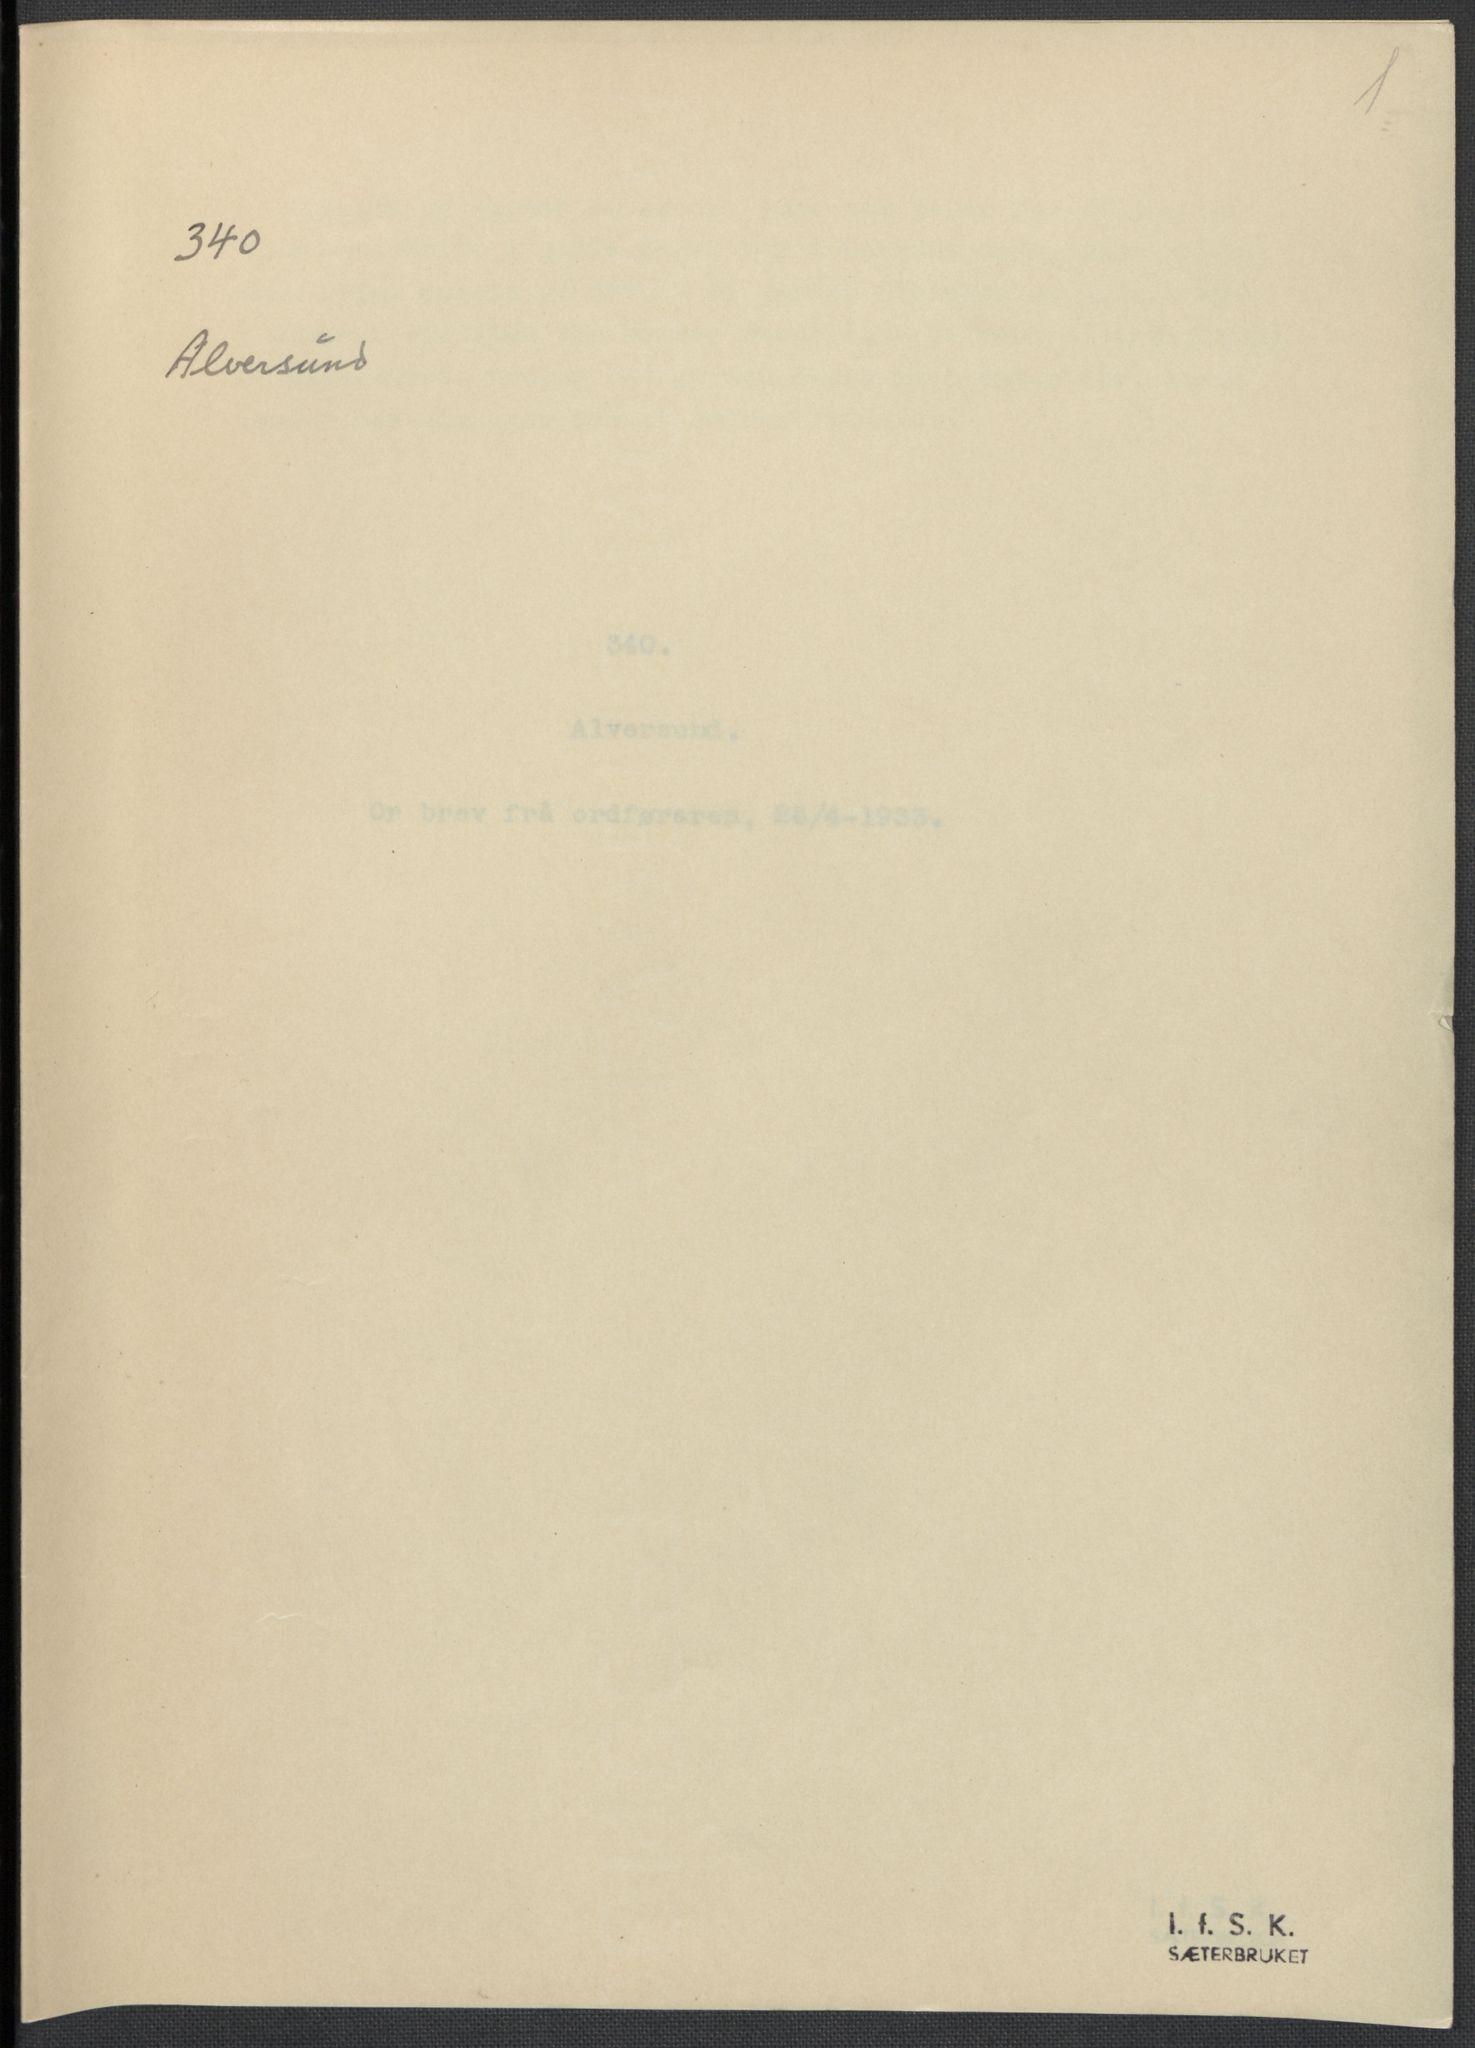 RA, Instituttet for sammenlignende kulturforskning, F/Fc/L0010: Eske B10:, 1932-1935, s. 1